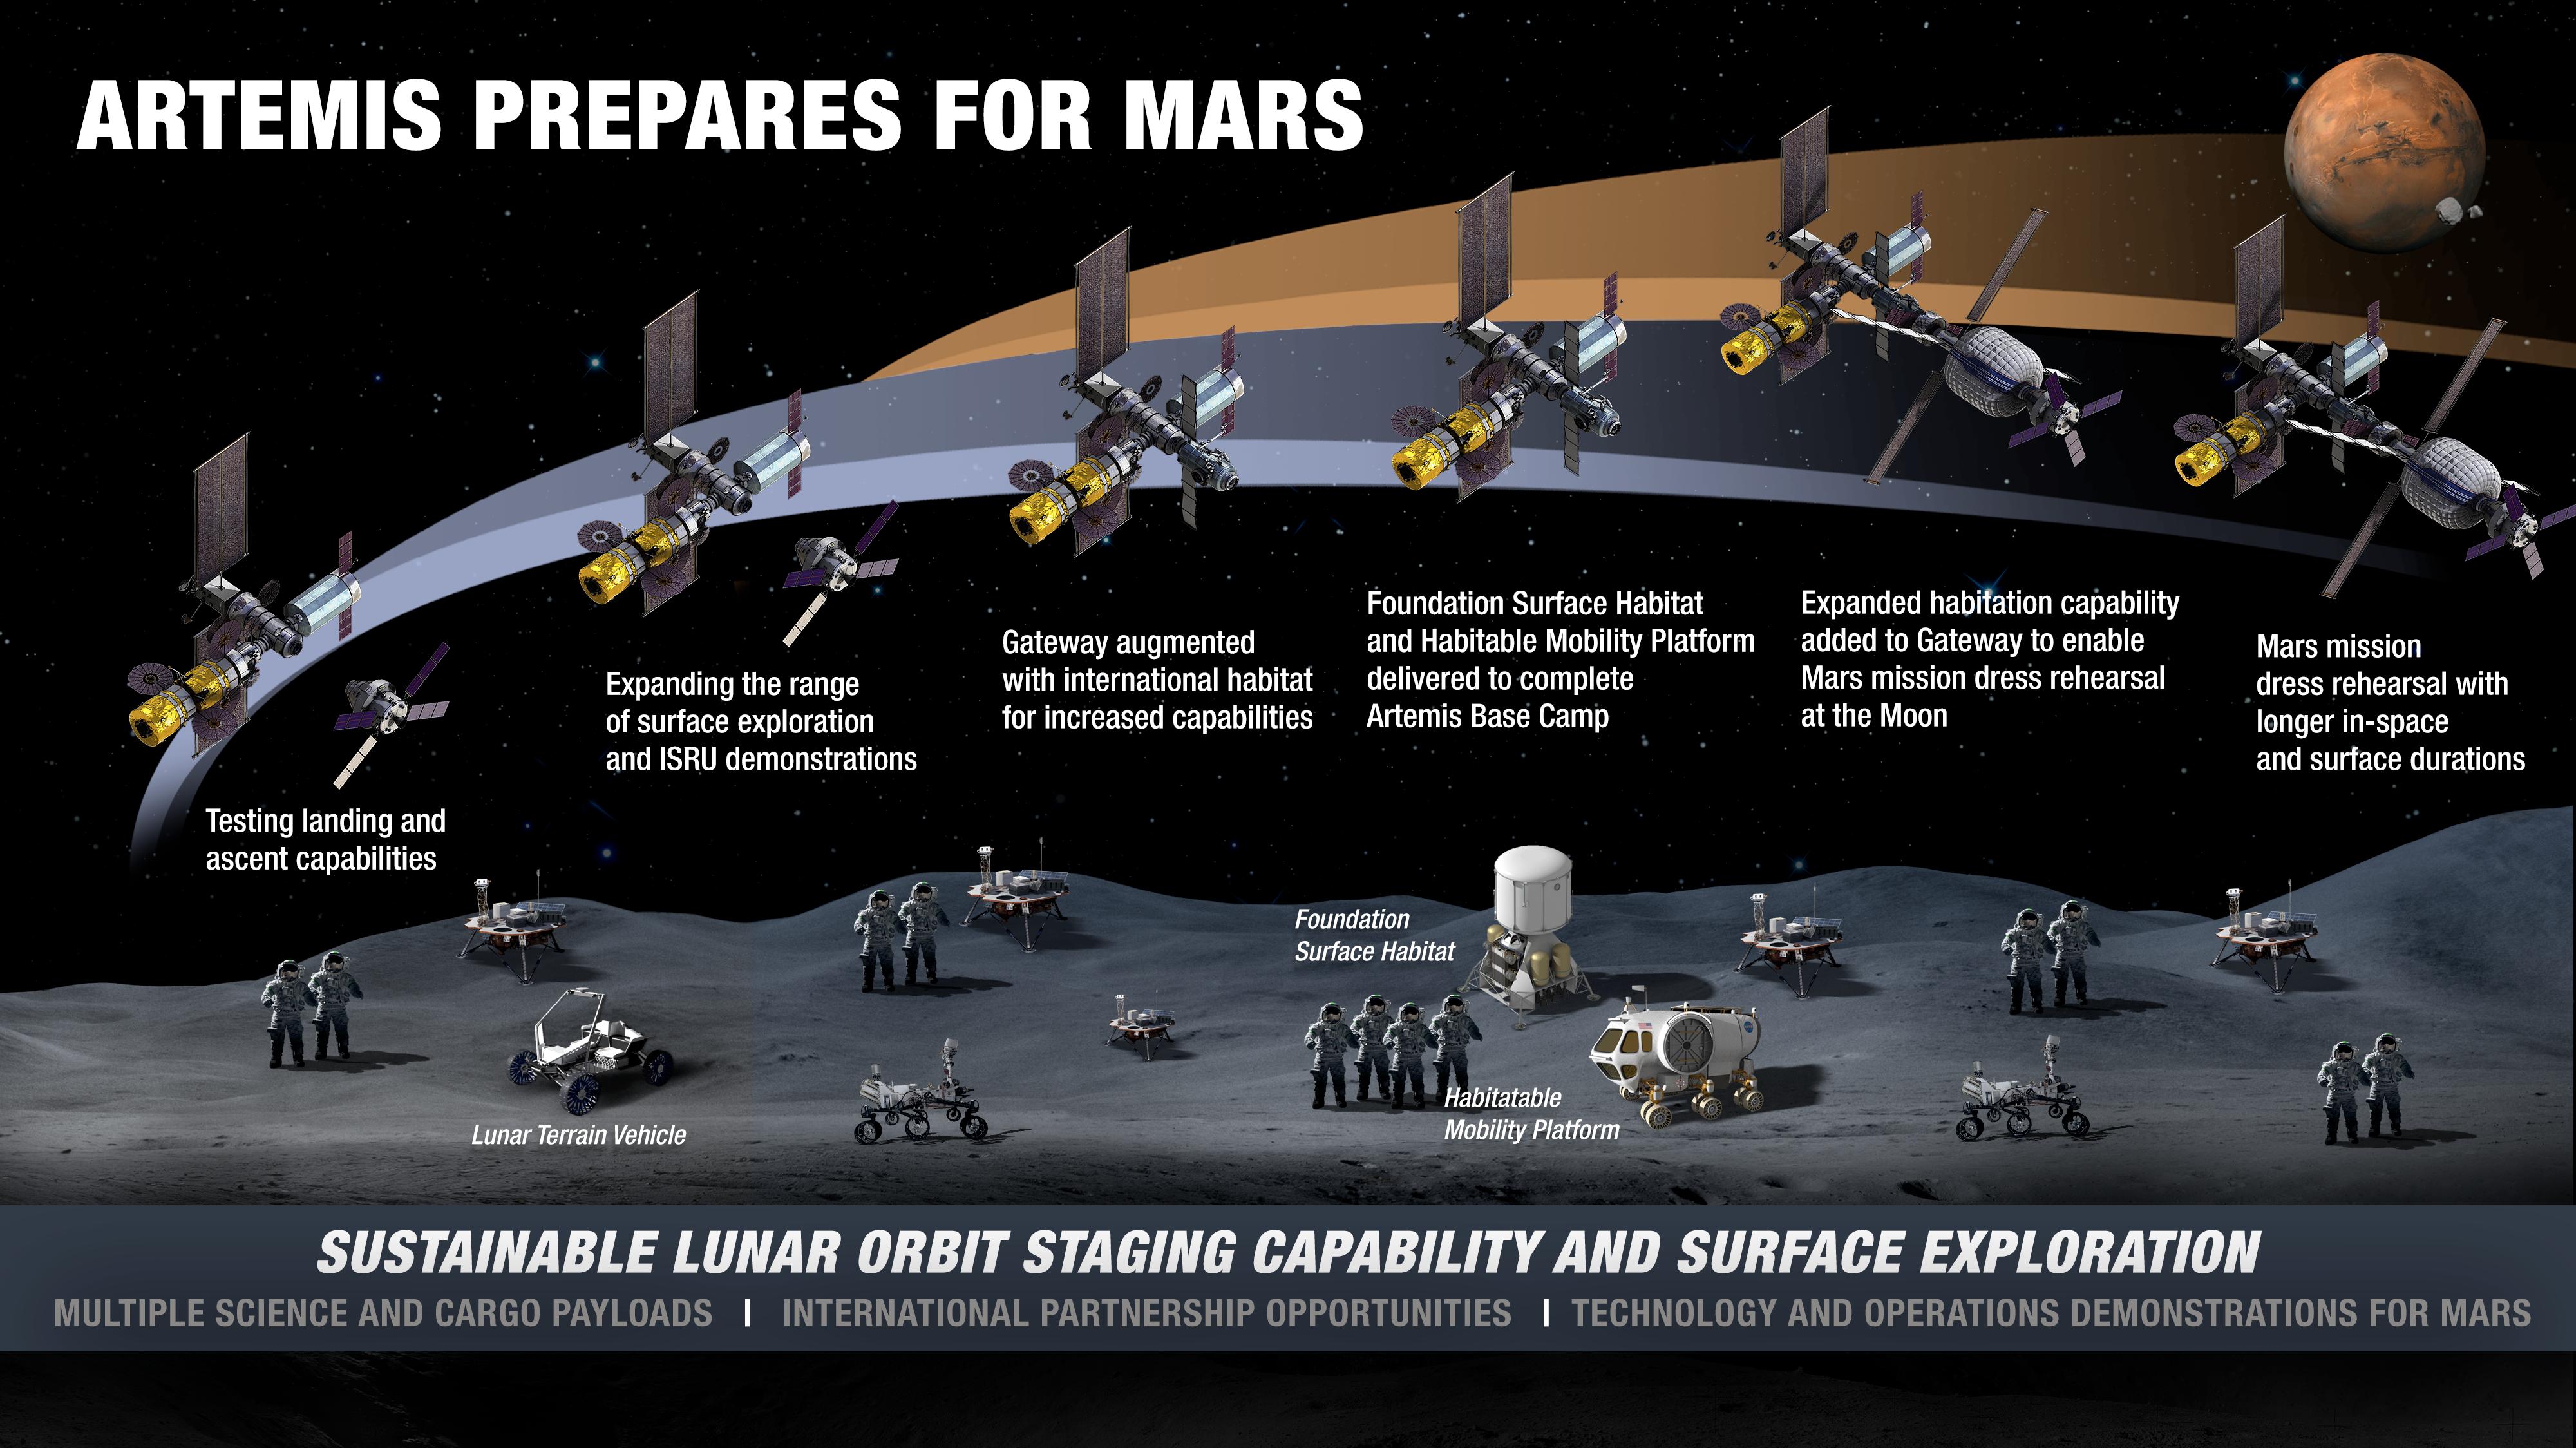 Луноход и два жилых модуля: NASA опубликовало детали программы Artemis по освоению Луны 1